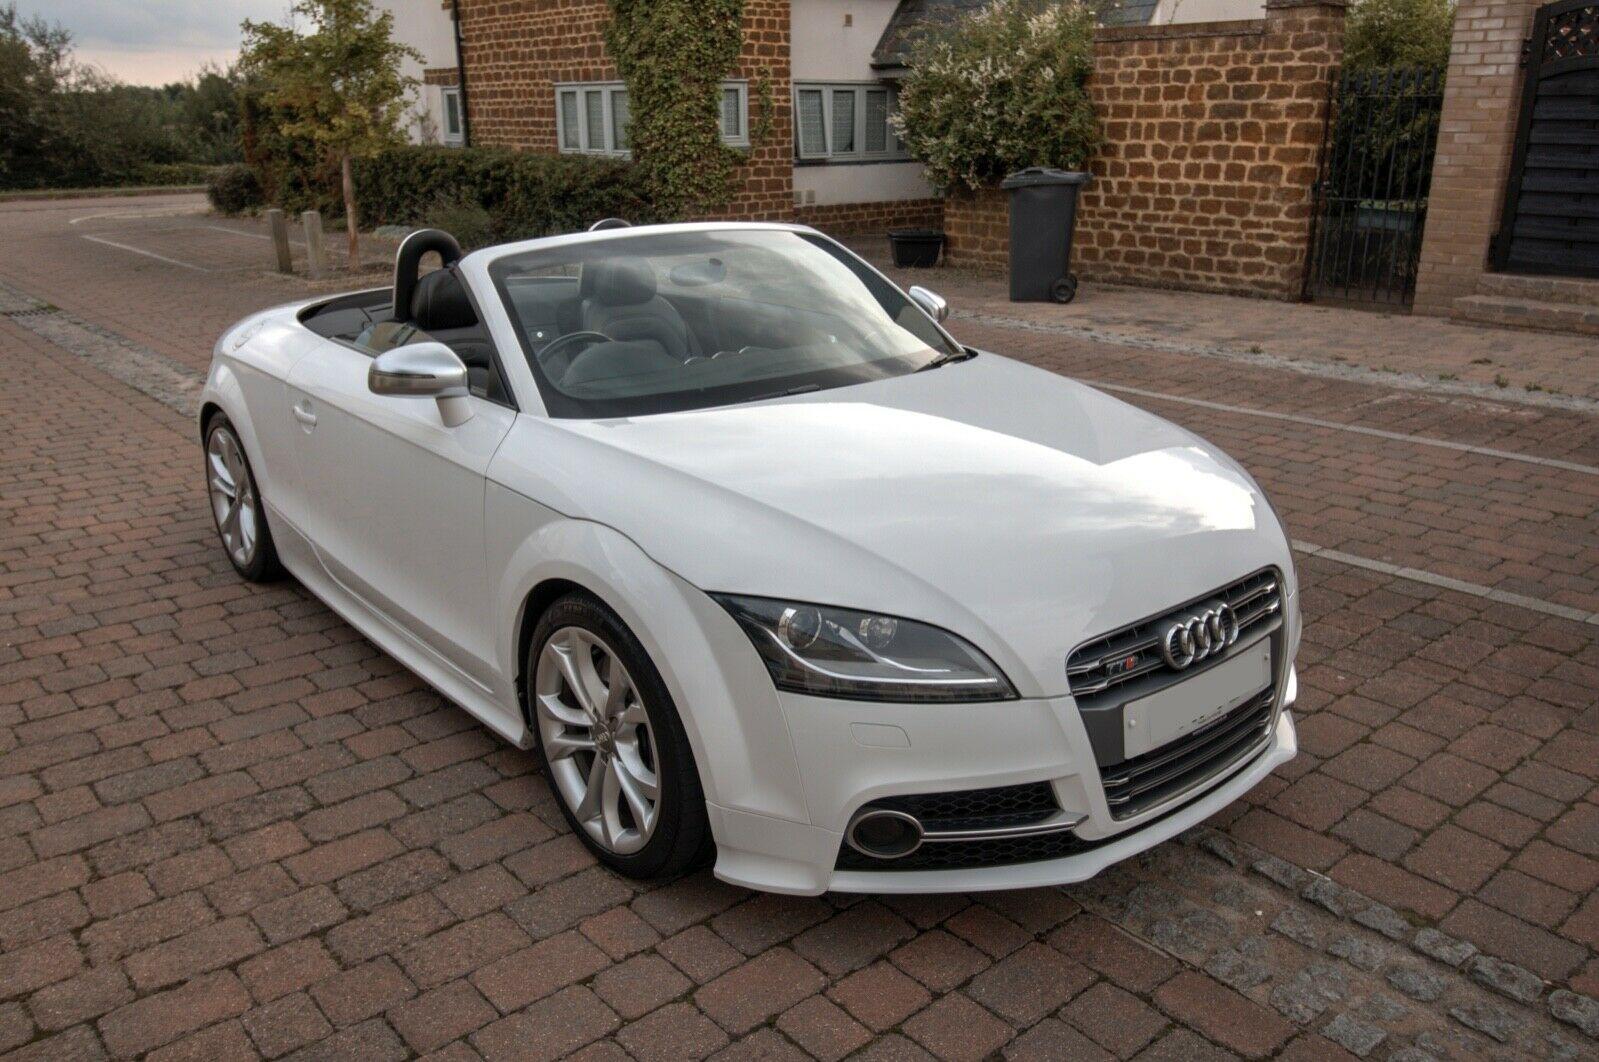 Kelebihan Kekurangan Audi Tt 2011 Murah Berkualitas